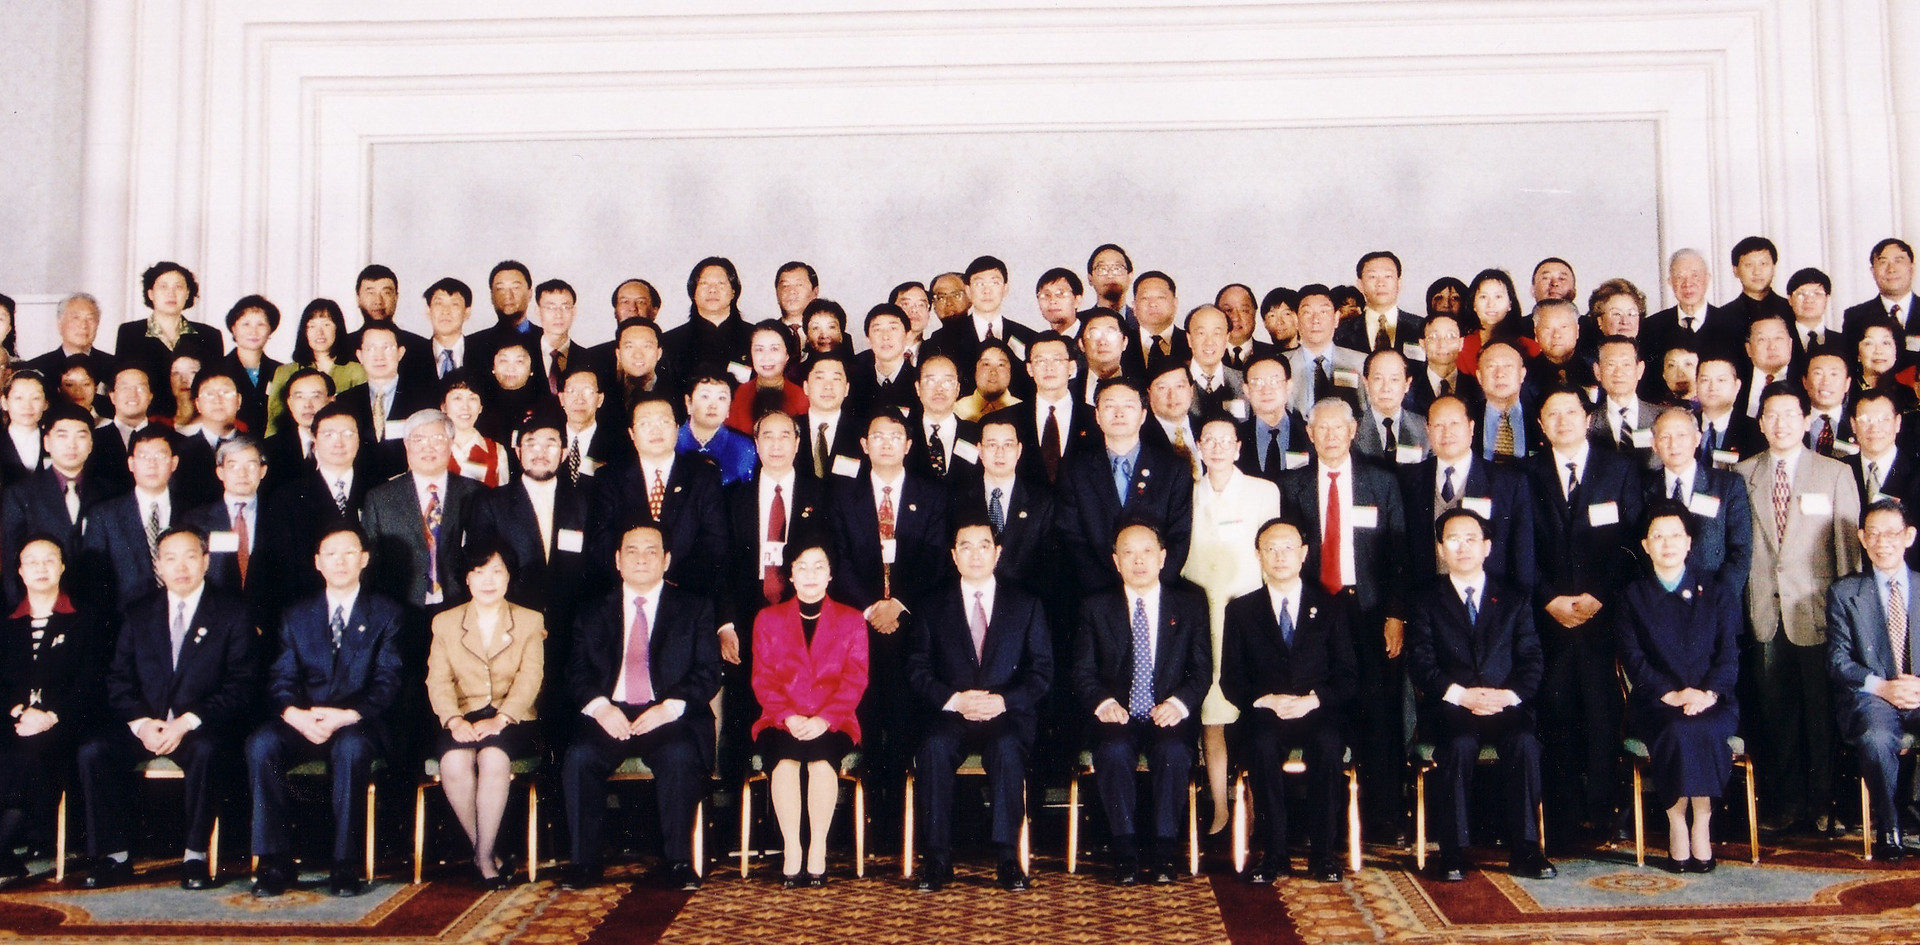 President Hu Jintao Met with Leaders of Overseas Chinese